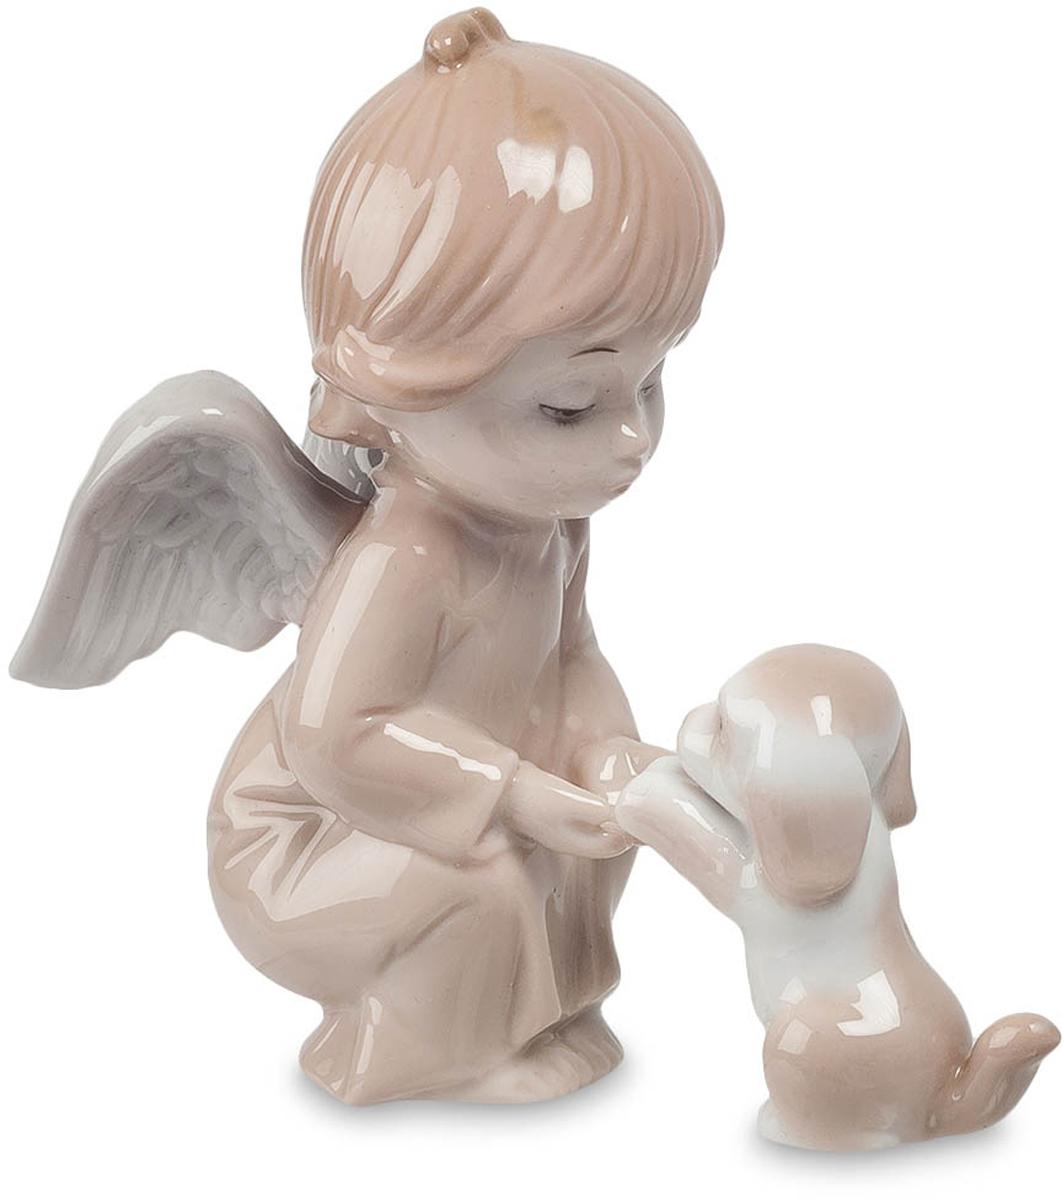 Фигурка декоративная Pavone Ангел, высота 10,5 смCMS-23/57Декоративная фигурка Pavone Ангел в виде ангелочка изготовлена из глазурованного фарфора. Нова - покровительница животных. Она оберегает их и всячески им помогает. Самые святые существа - это маленькие ангелочки. Они чистые и телом и своей маленькой искренней душой. Эта статуэтка станет украшением любой коллекции и, несомненно, понравится, как детишкам, так и взрослым. Все настолько продумано в этой фигурке, что она поражает всеми своими особенностями.Вы можете поставить украшение в любом месте, где оно будет удачно смотреться и радовать глаз. Кроме того, эта фигурка станет прекрасным подарком для близкого человека.